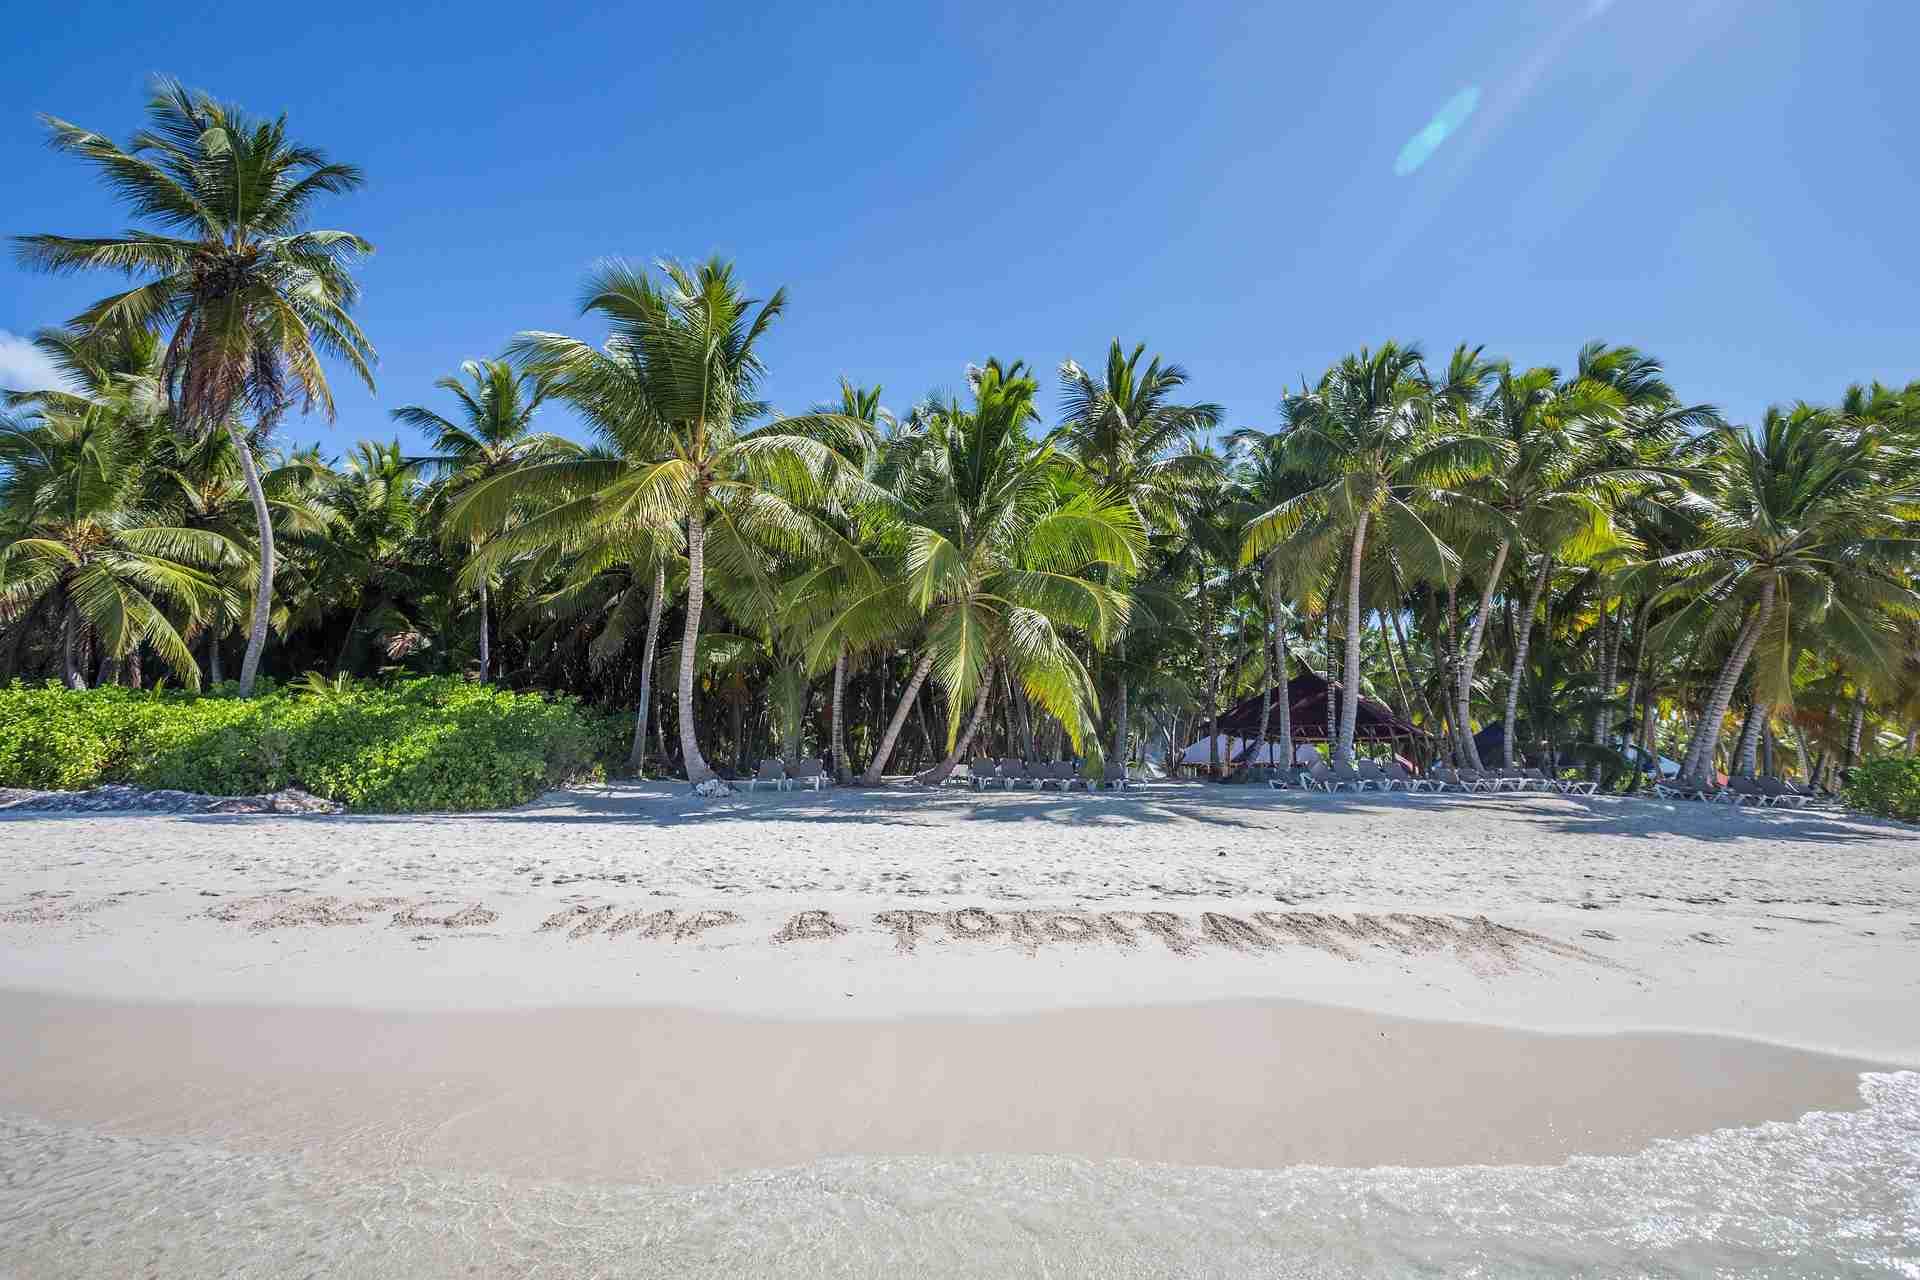 Traumstrand in der Dominikanischen Republik